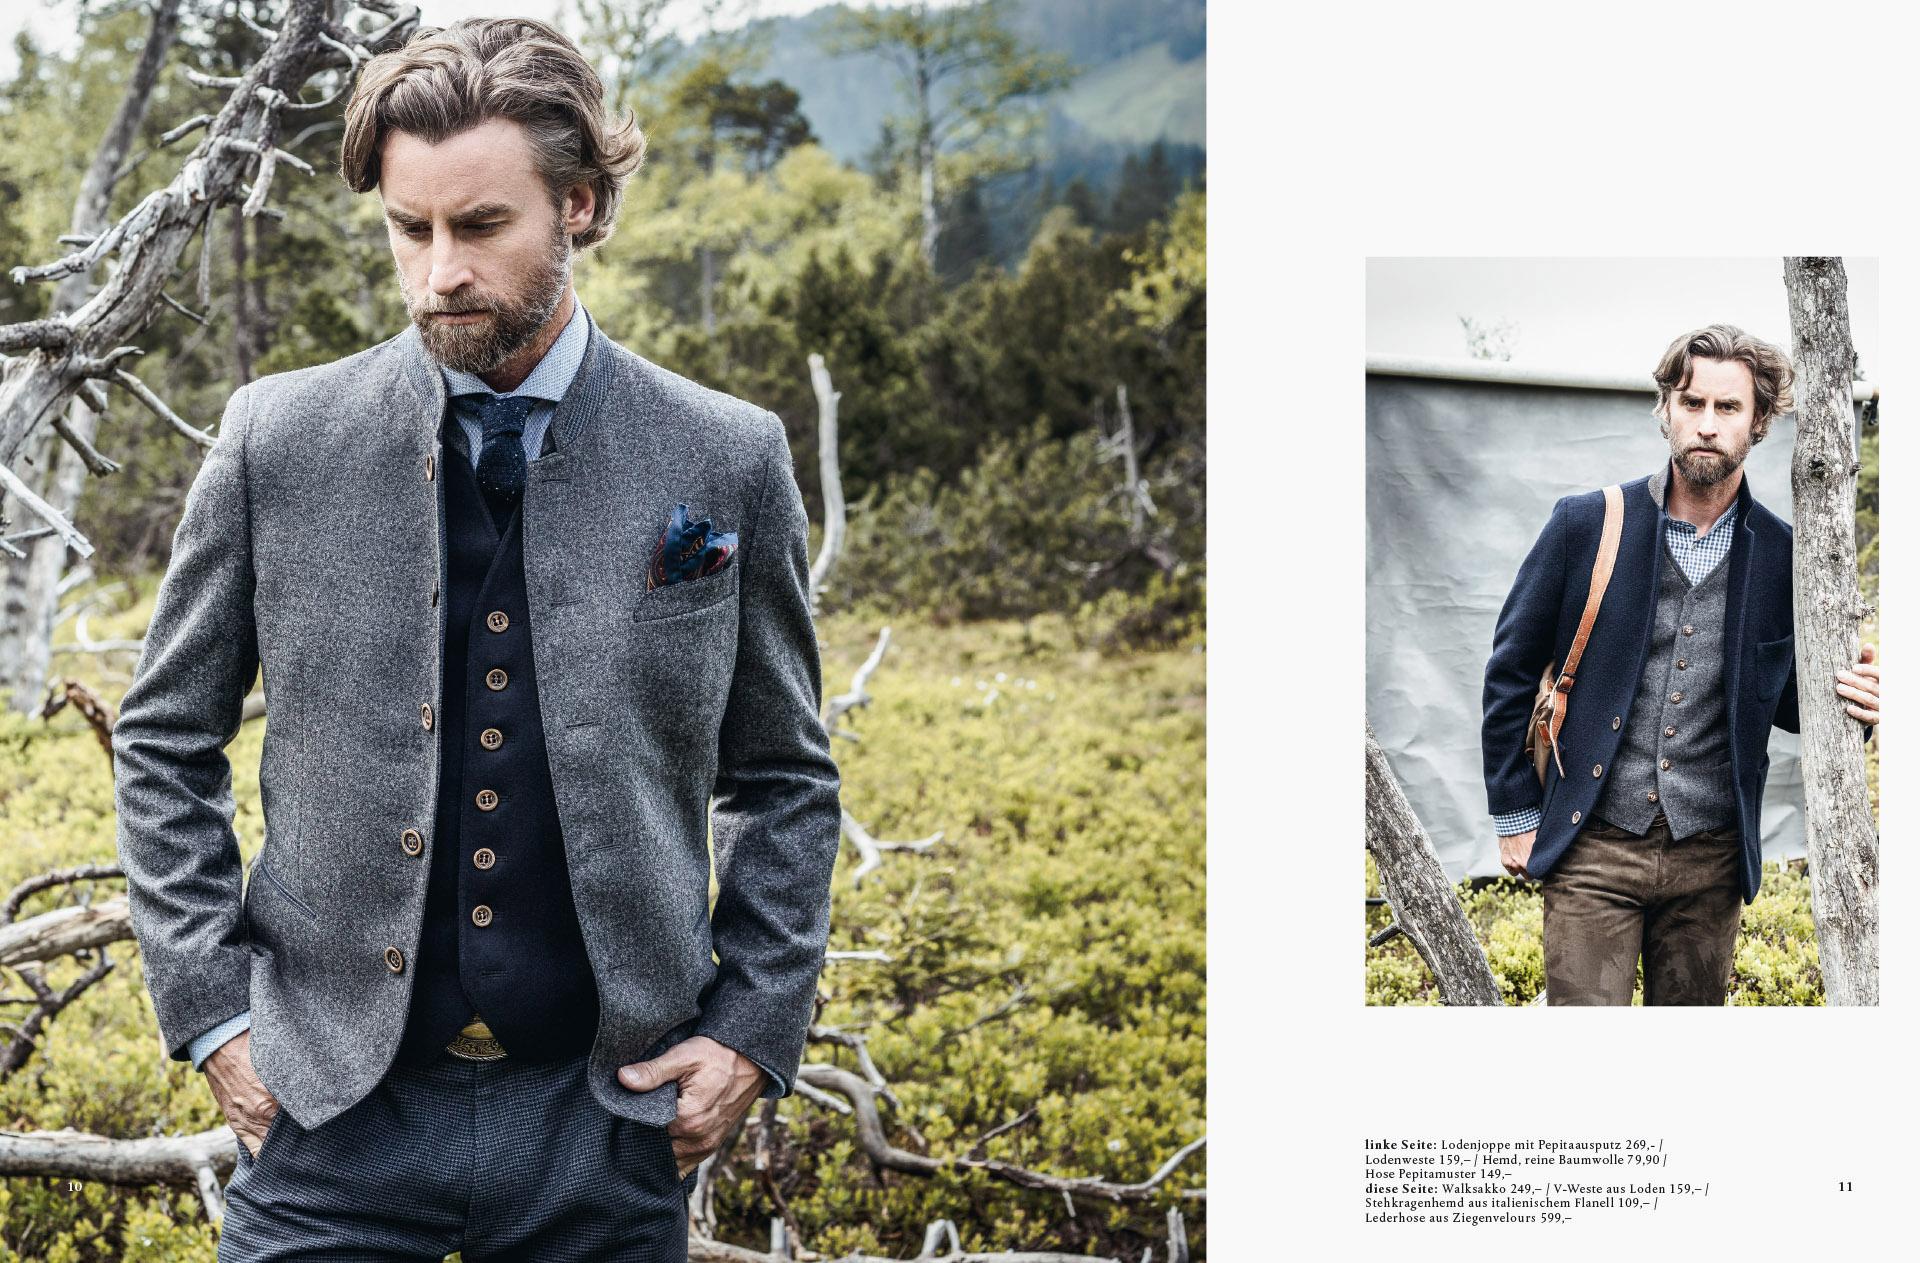 Fotowerk Modefotografie - Tracht für ihn, schlicht und elegant